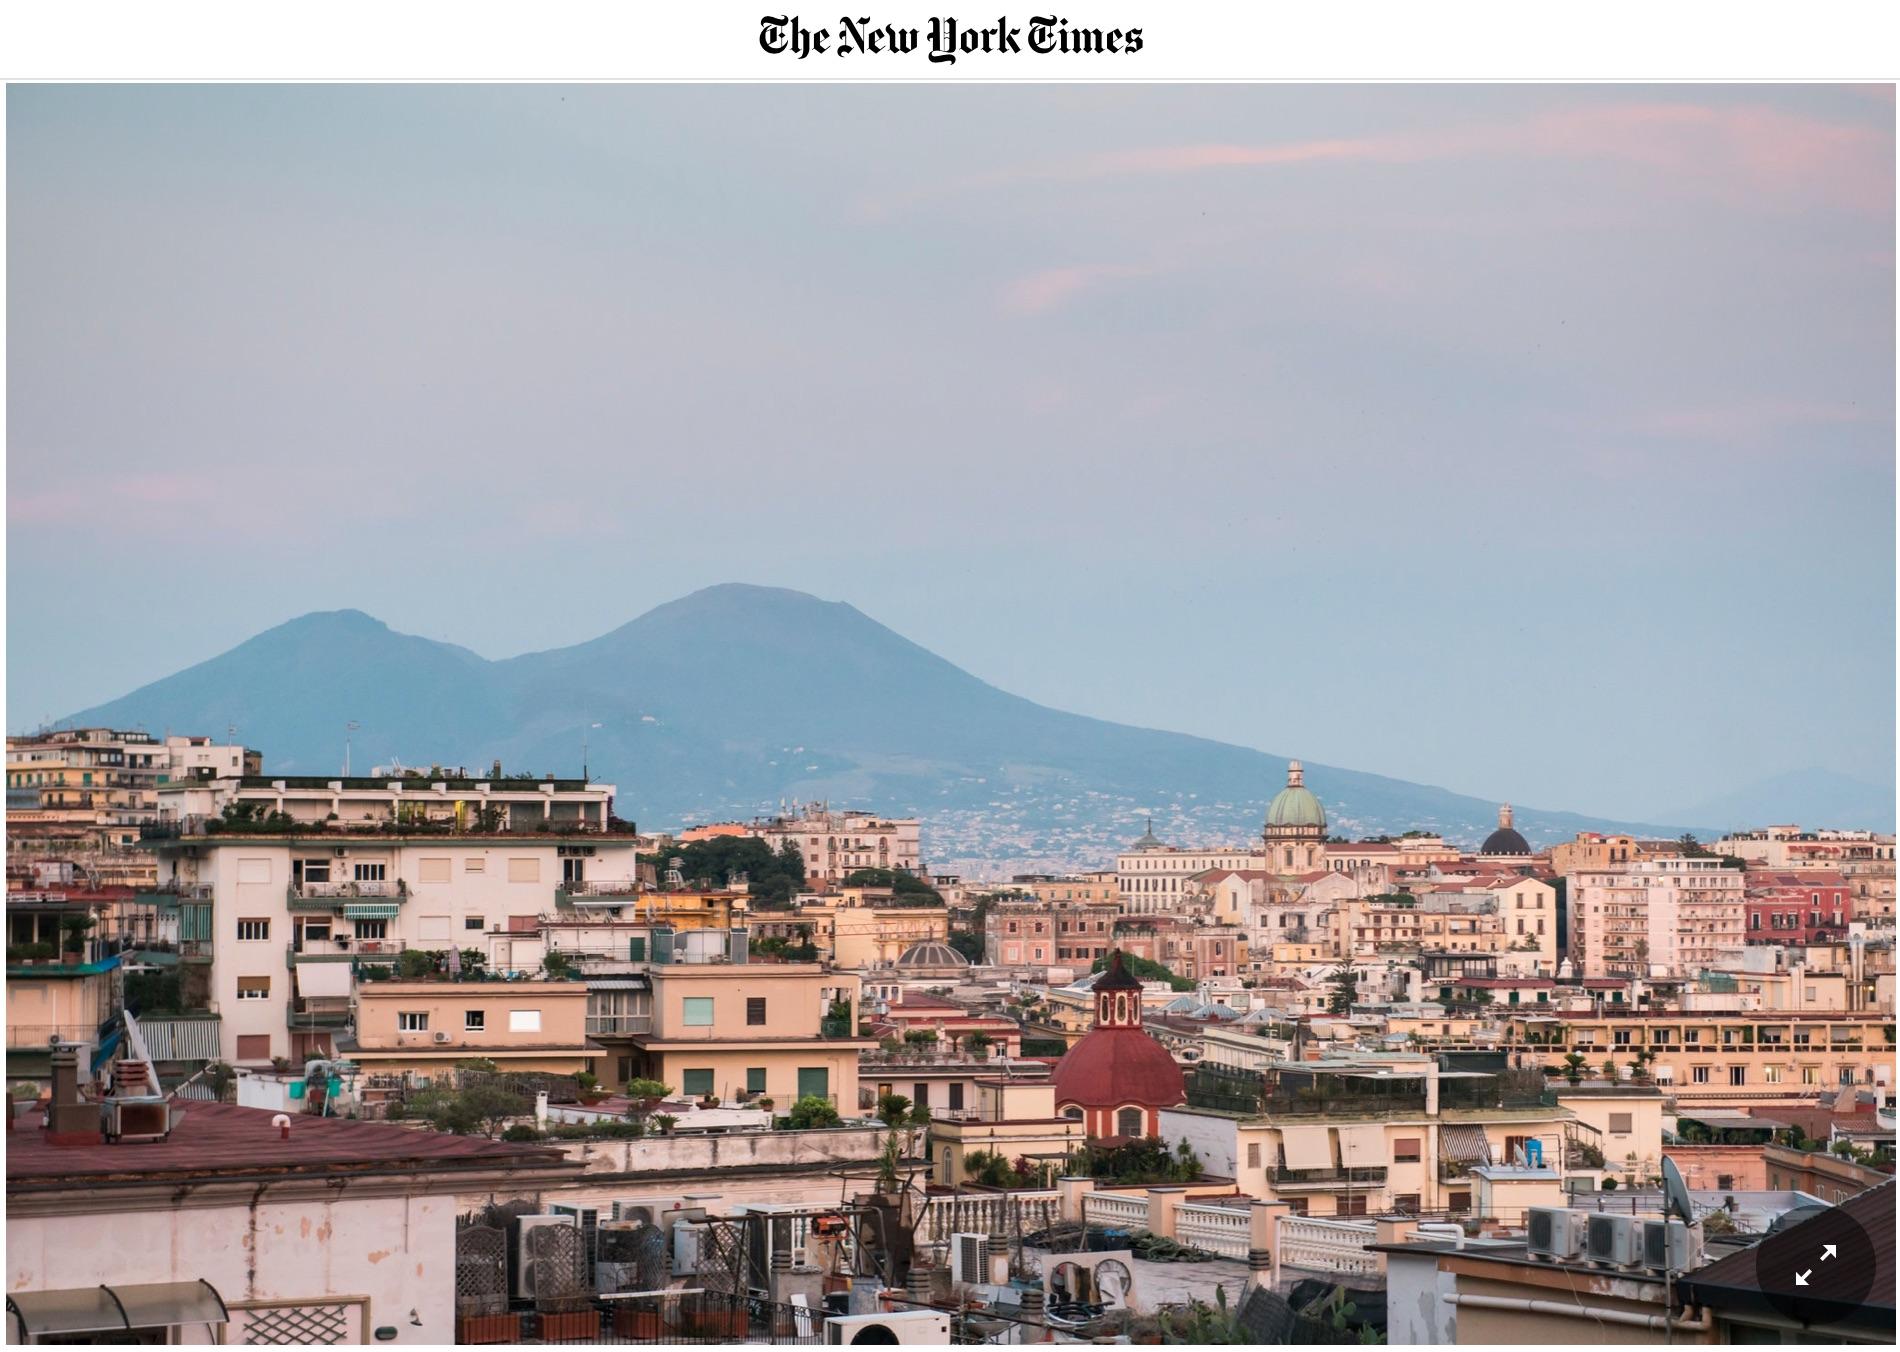 """Il NYT a Napoli 36 ore: """"Città di bellezza gloriosa ma sbrindellata, oggi senza monnezza e coi turisti"""""""